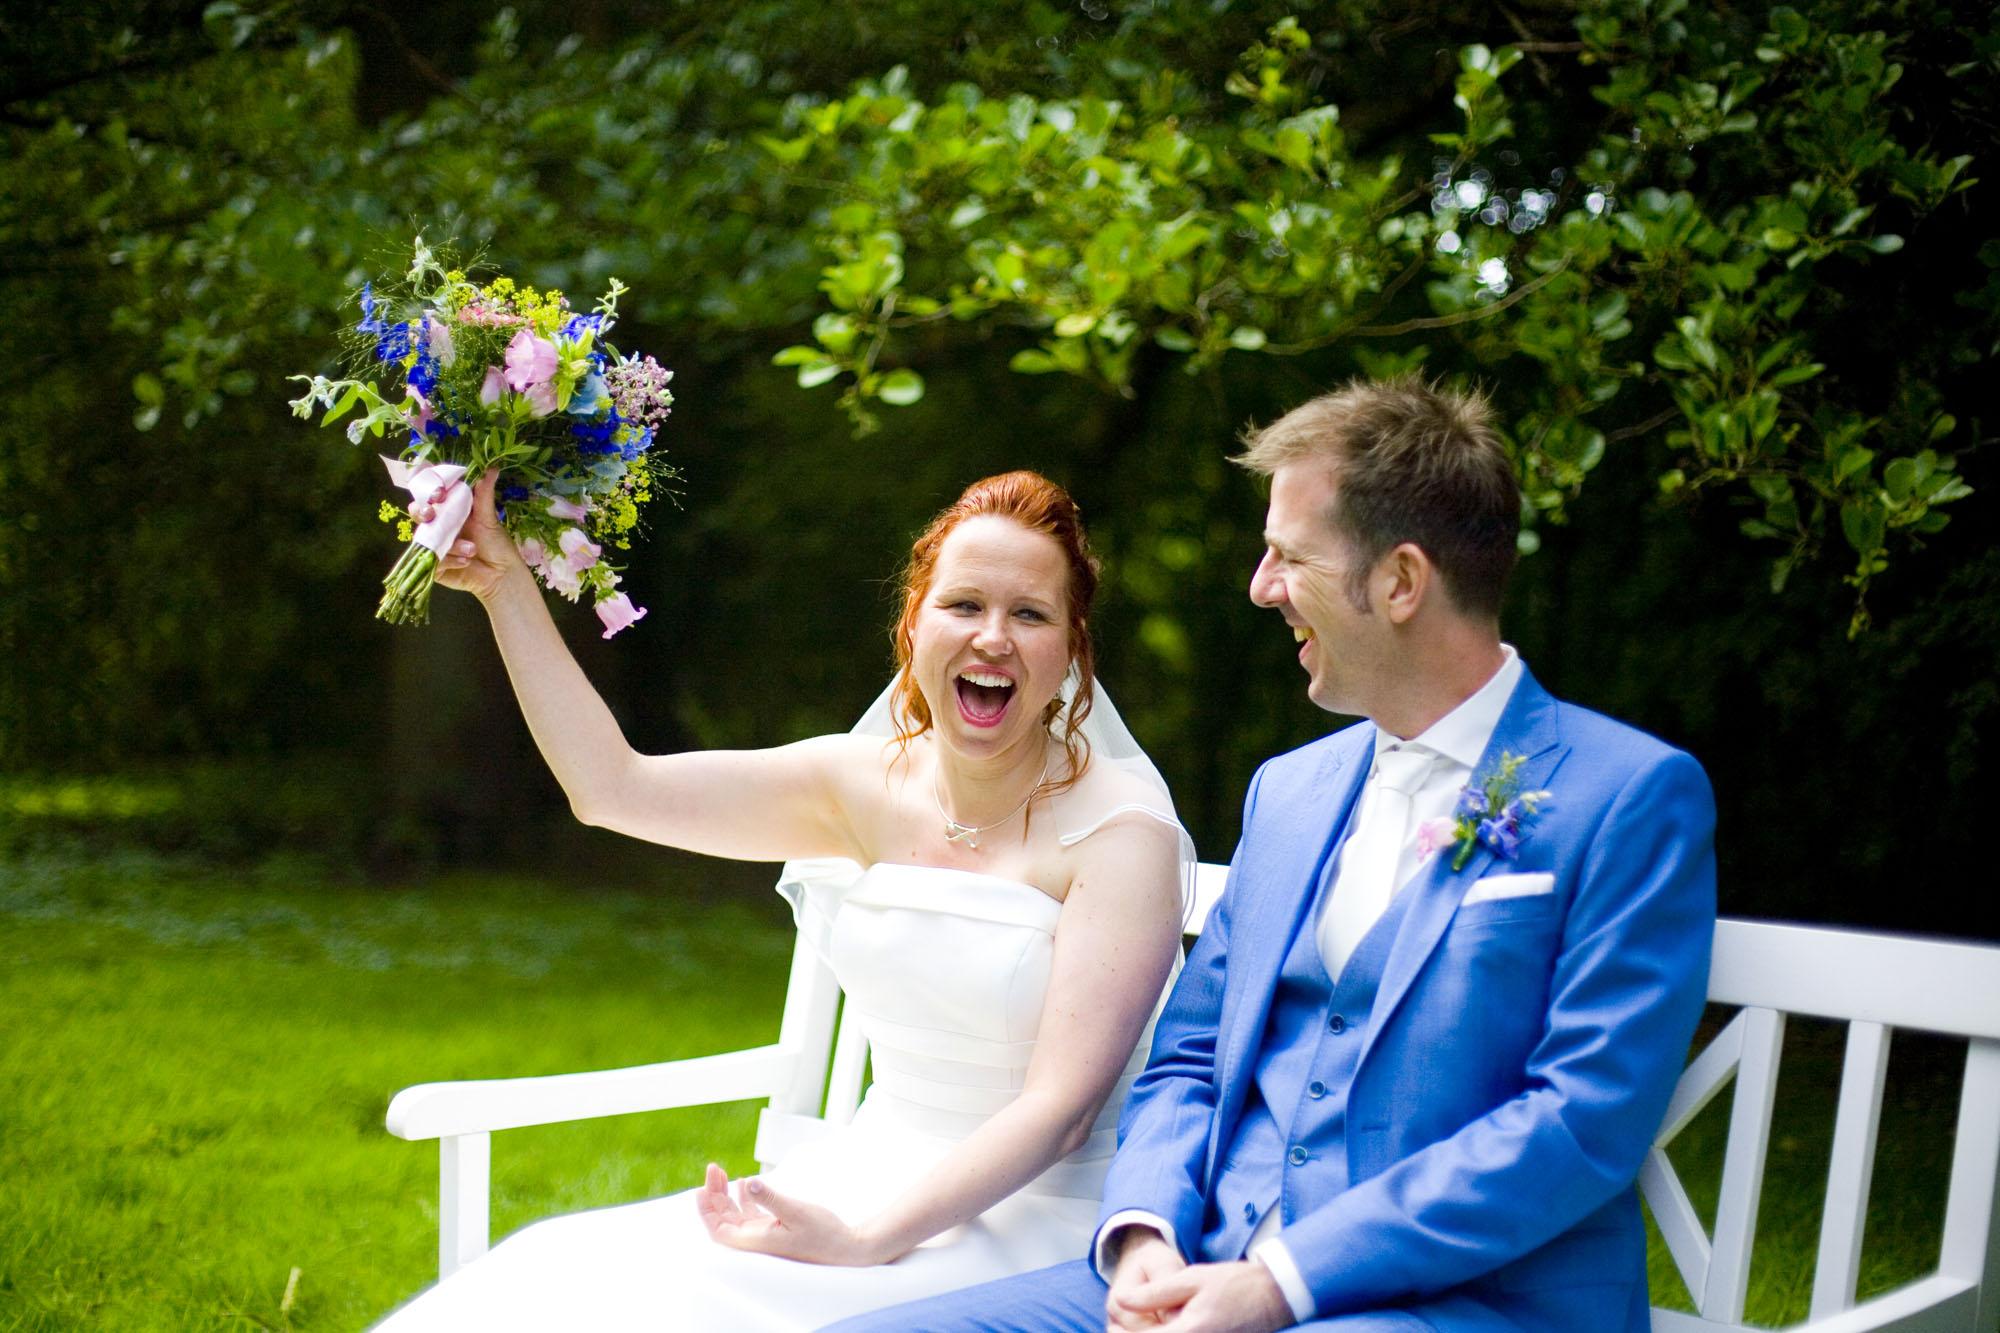 Bruid lach met trouwboeket bruiloft De Hertenhorst Delft bruid ceremonie buiten